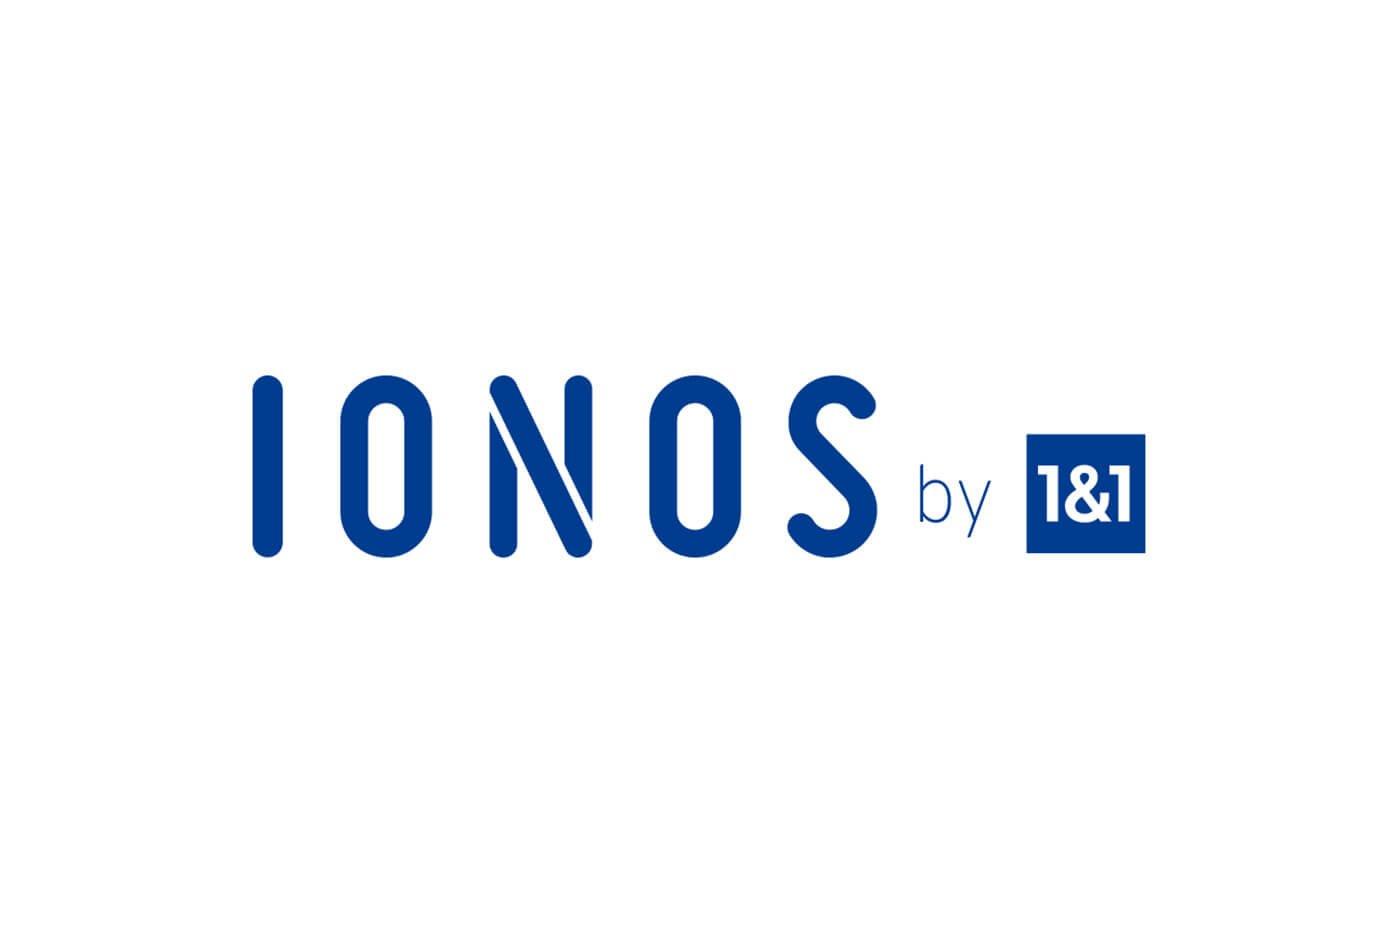 IONOS de 1&1